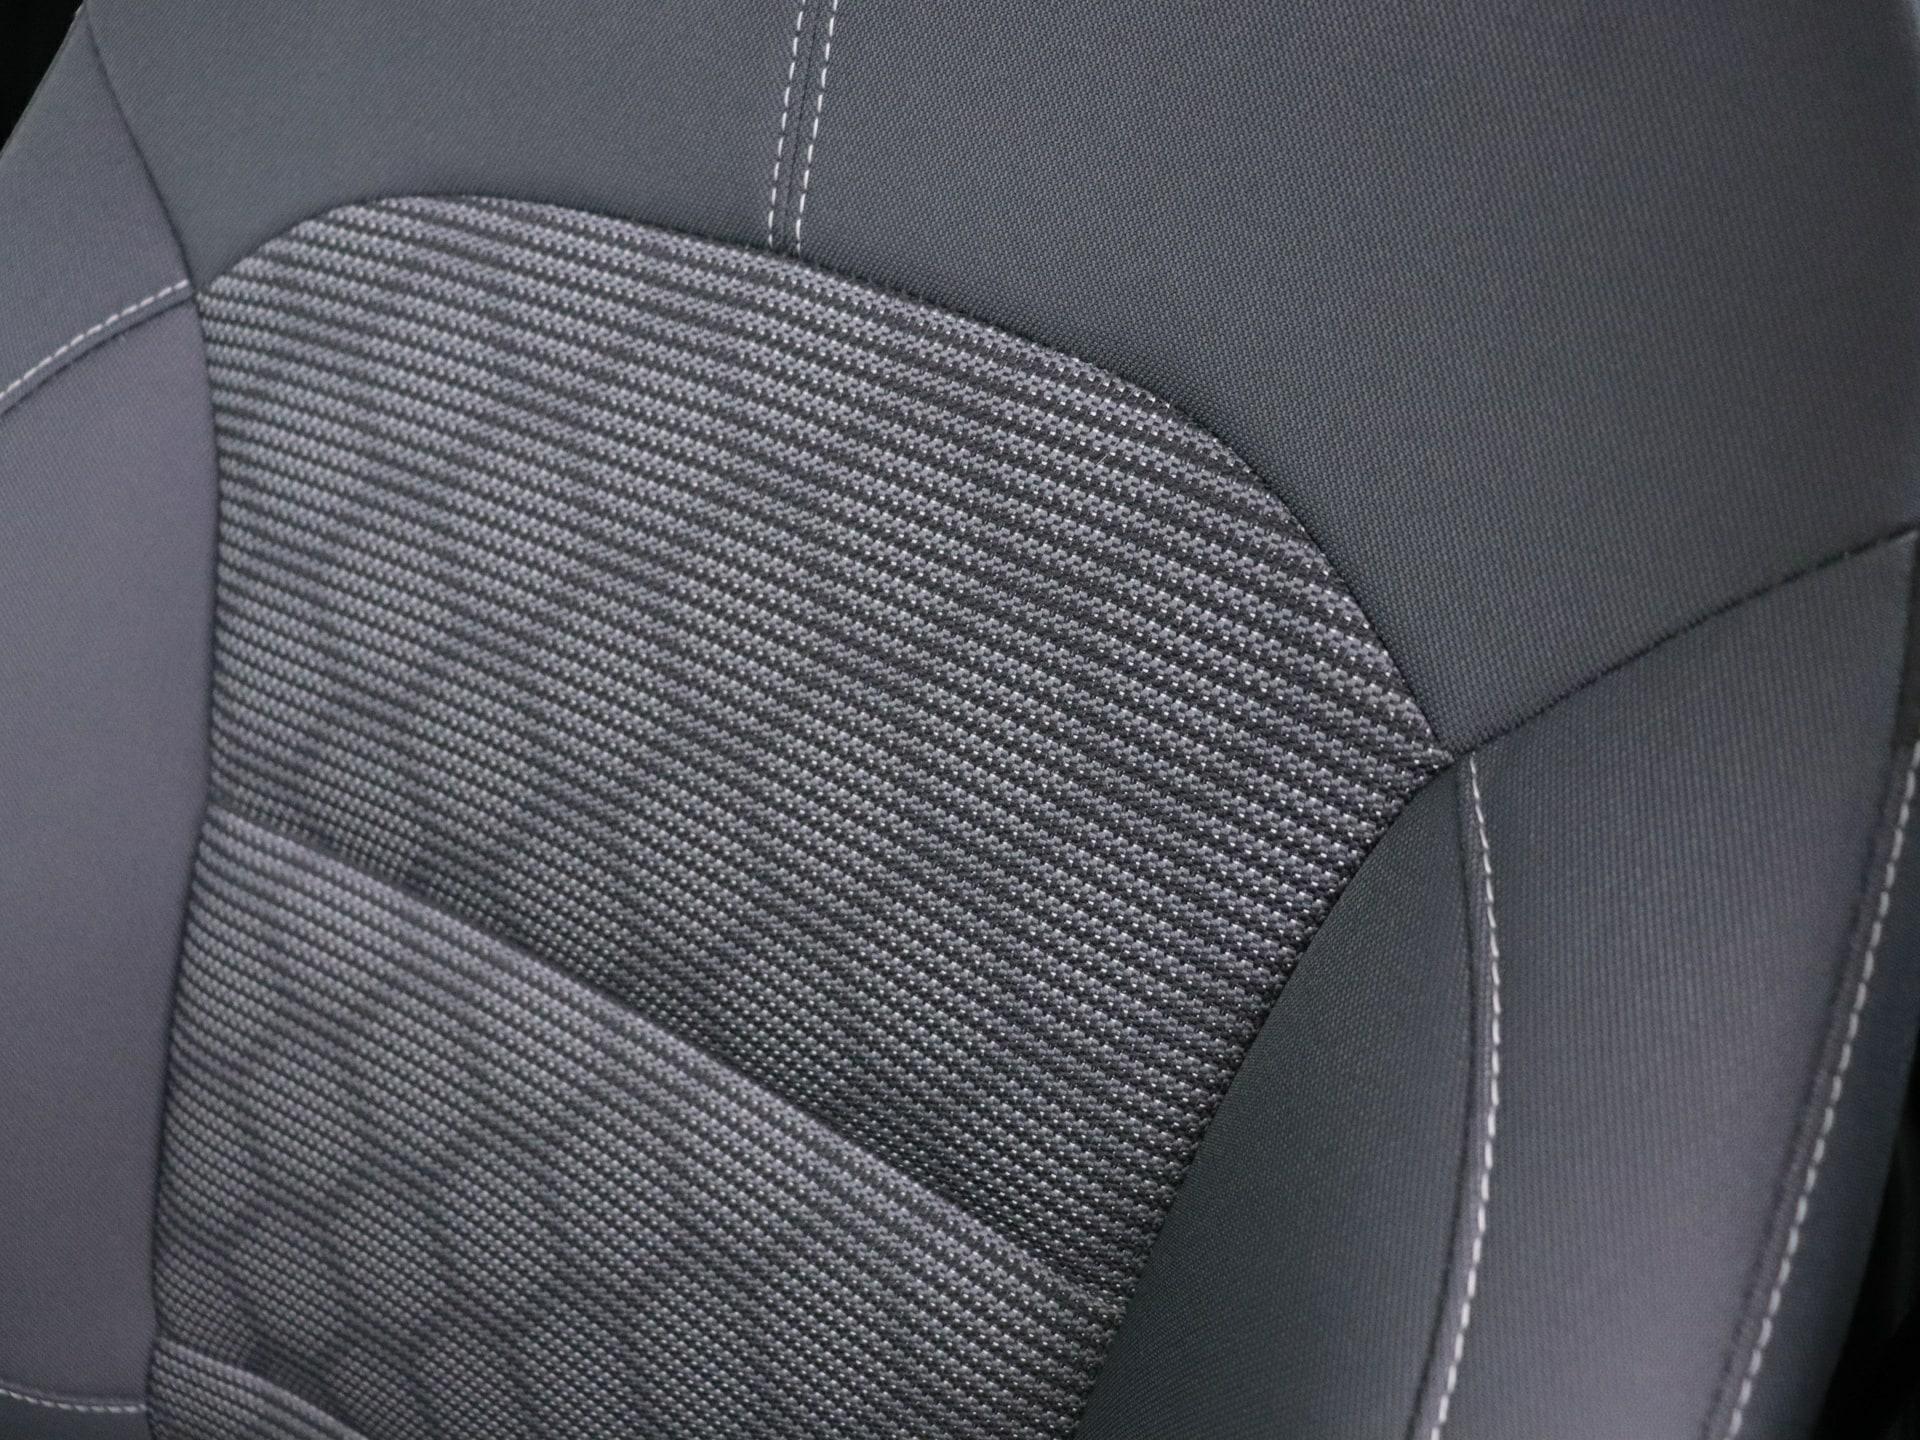 Kia Niro 1.6 Gdi Hybrid van CarSelexy dealer Autobedrijf G. van Hooijdonk in Ulvenhout